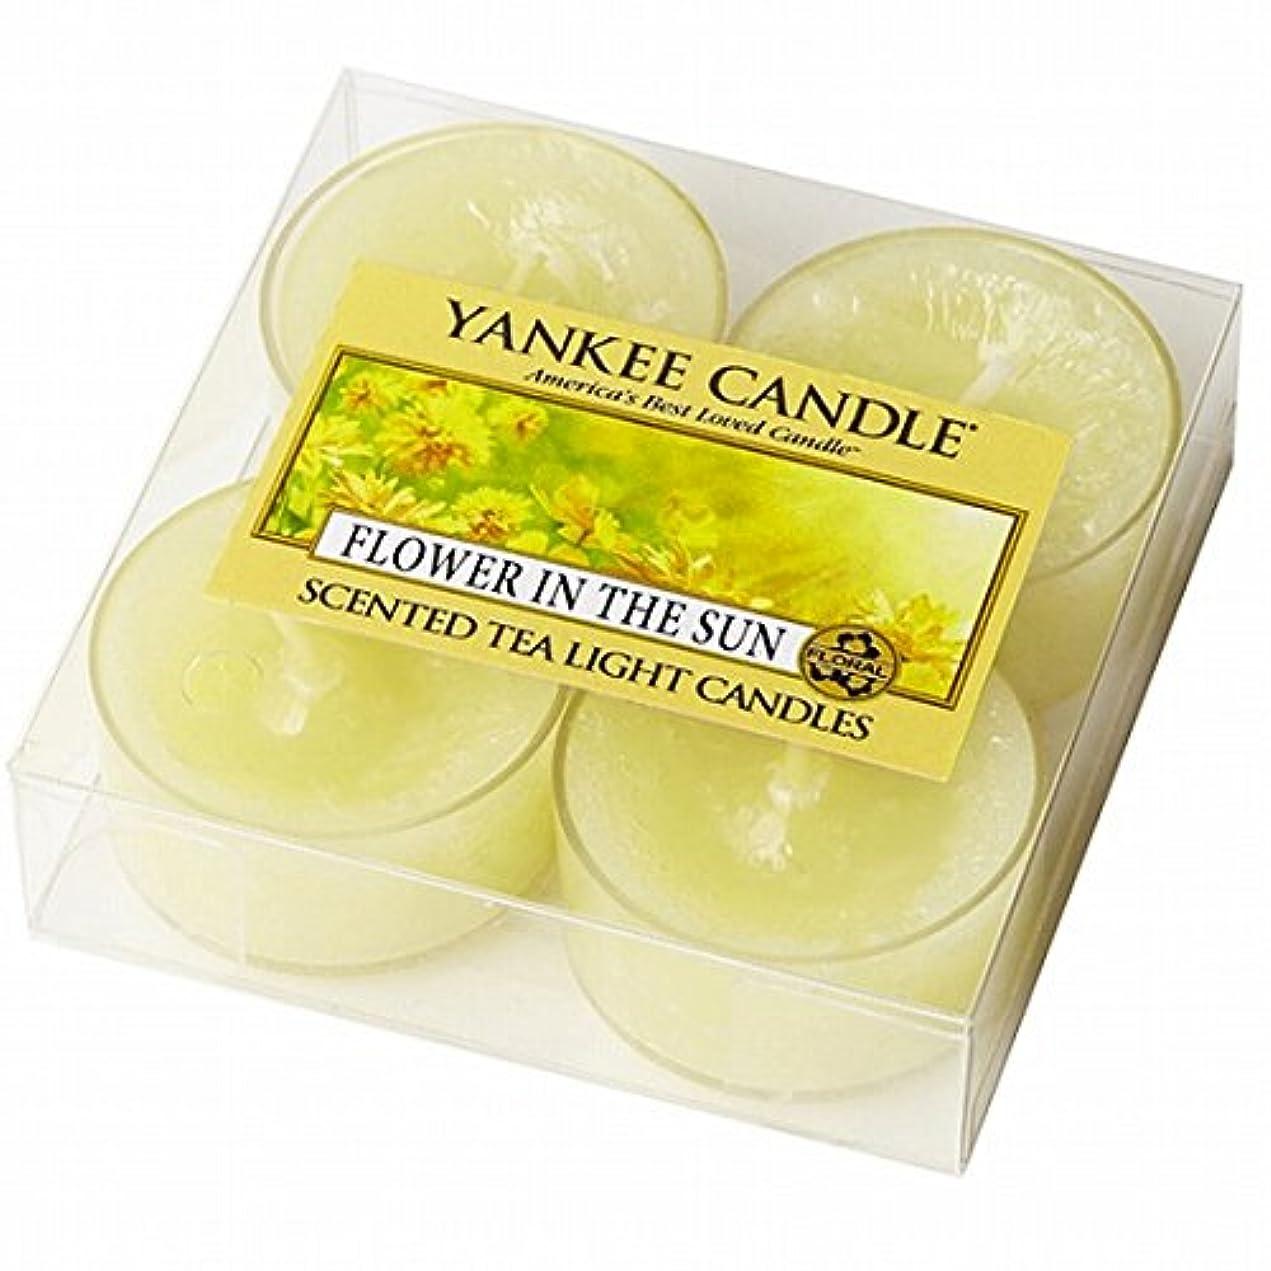 開始へこみファンYANKEE CANDLE(ヤンキーキャンドル) YANKEE CANDLE クリアカップティーライト4個入り 「フラワーインザサン」(K00205274)